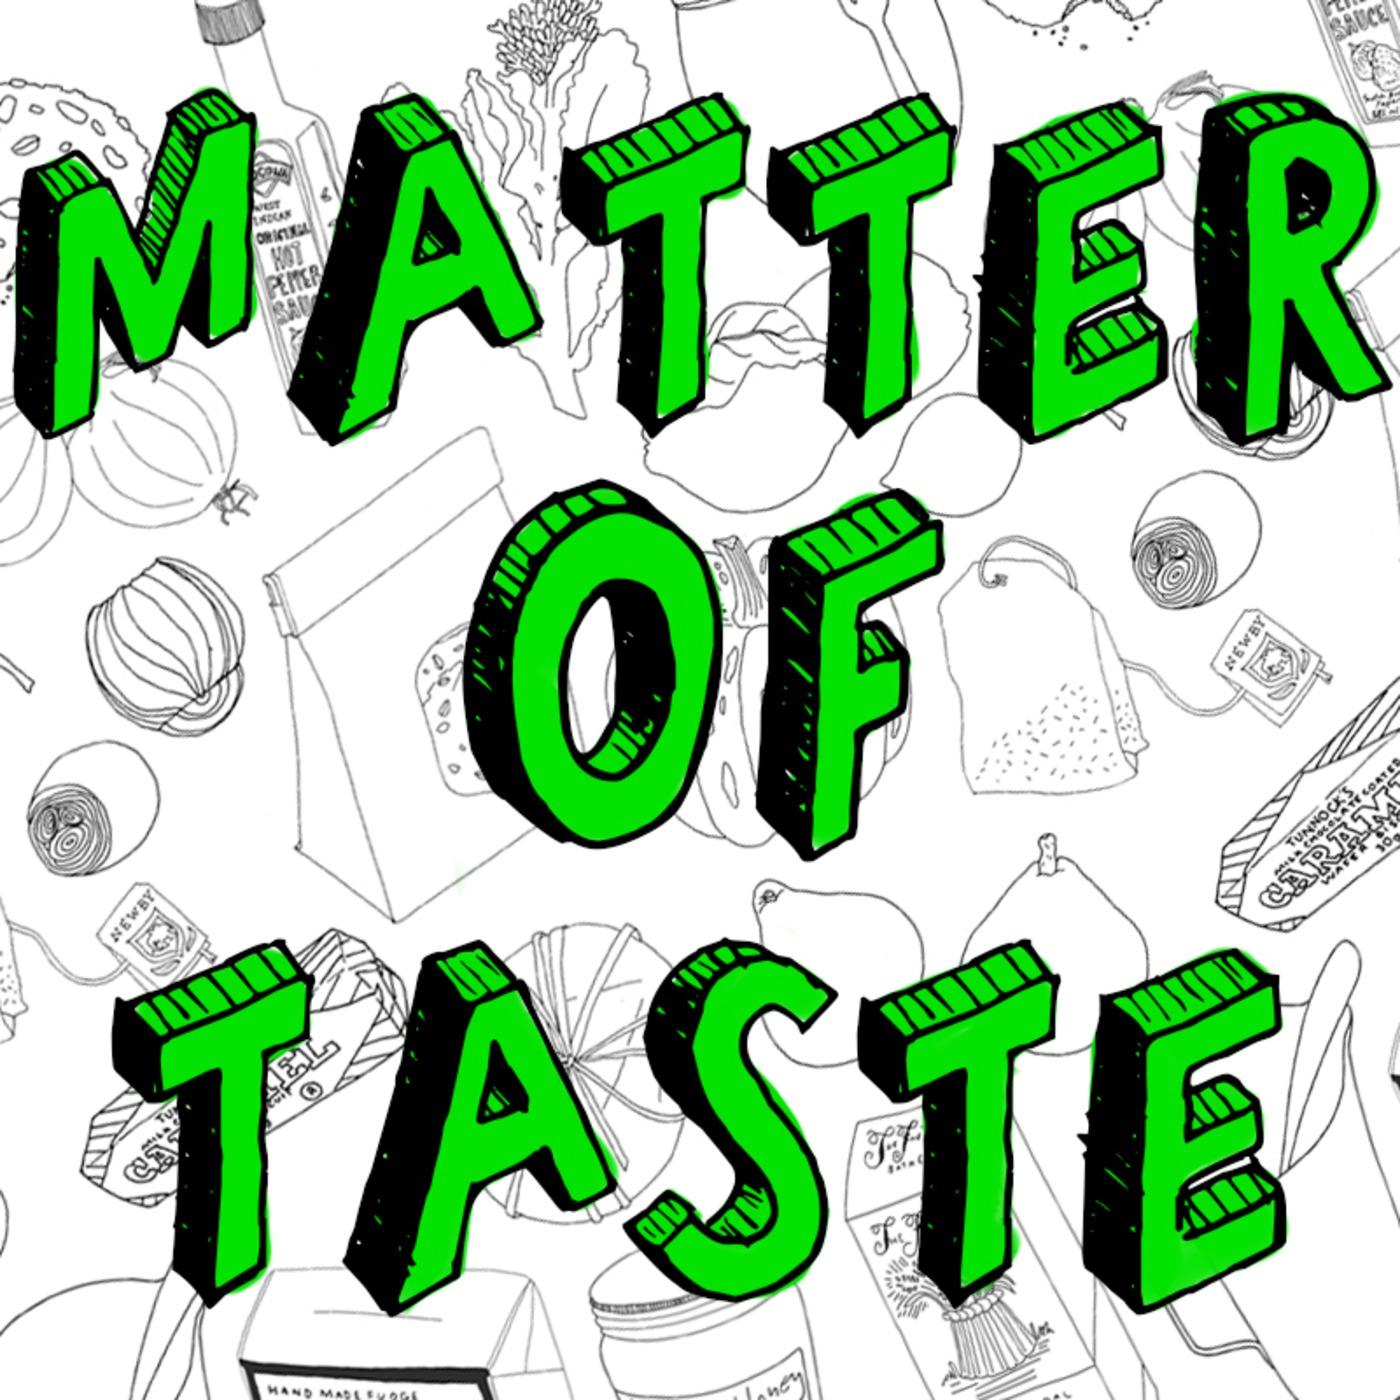 Matter of taste